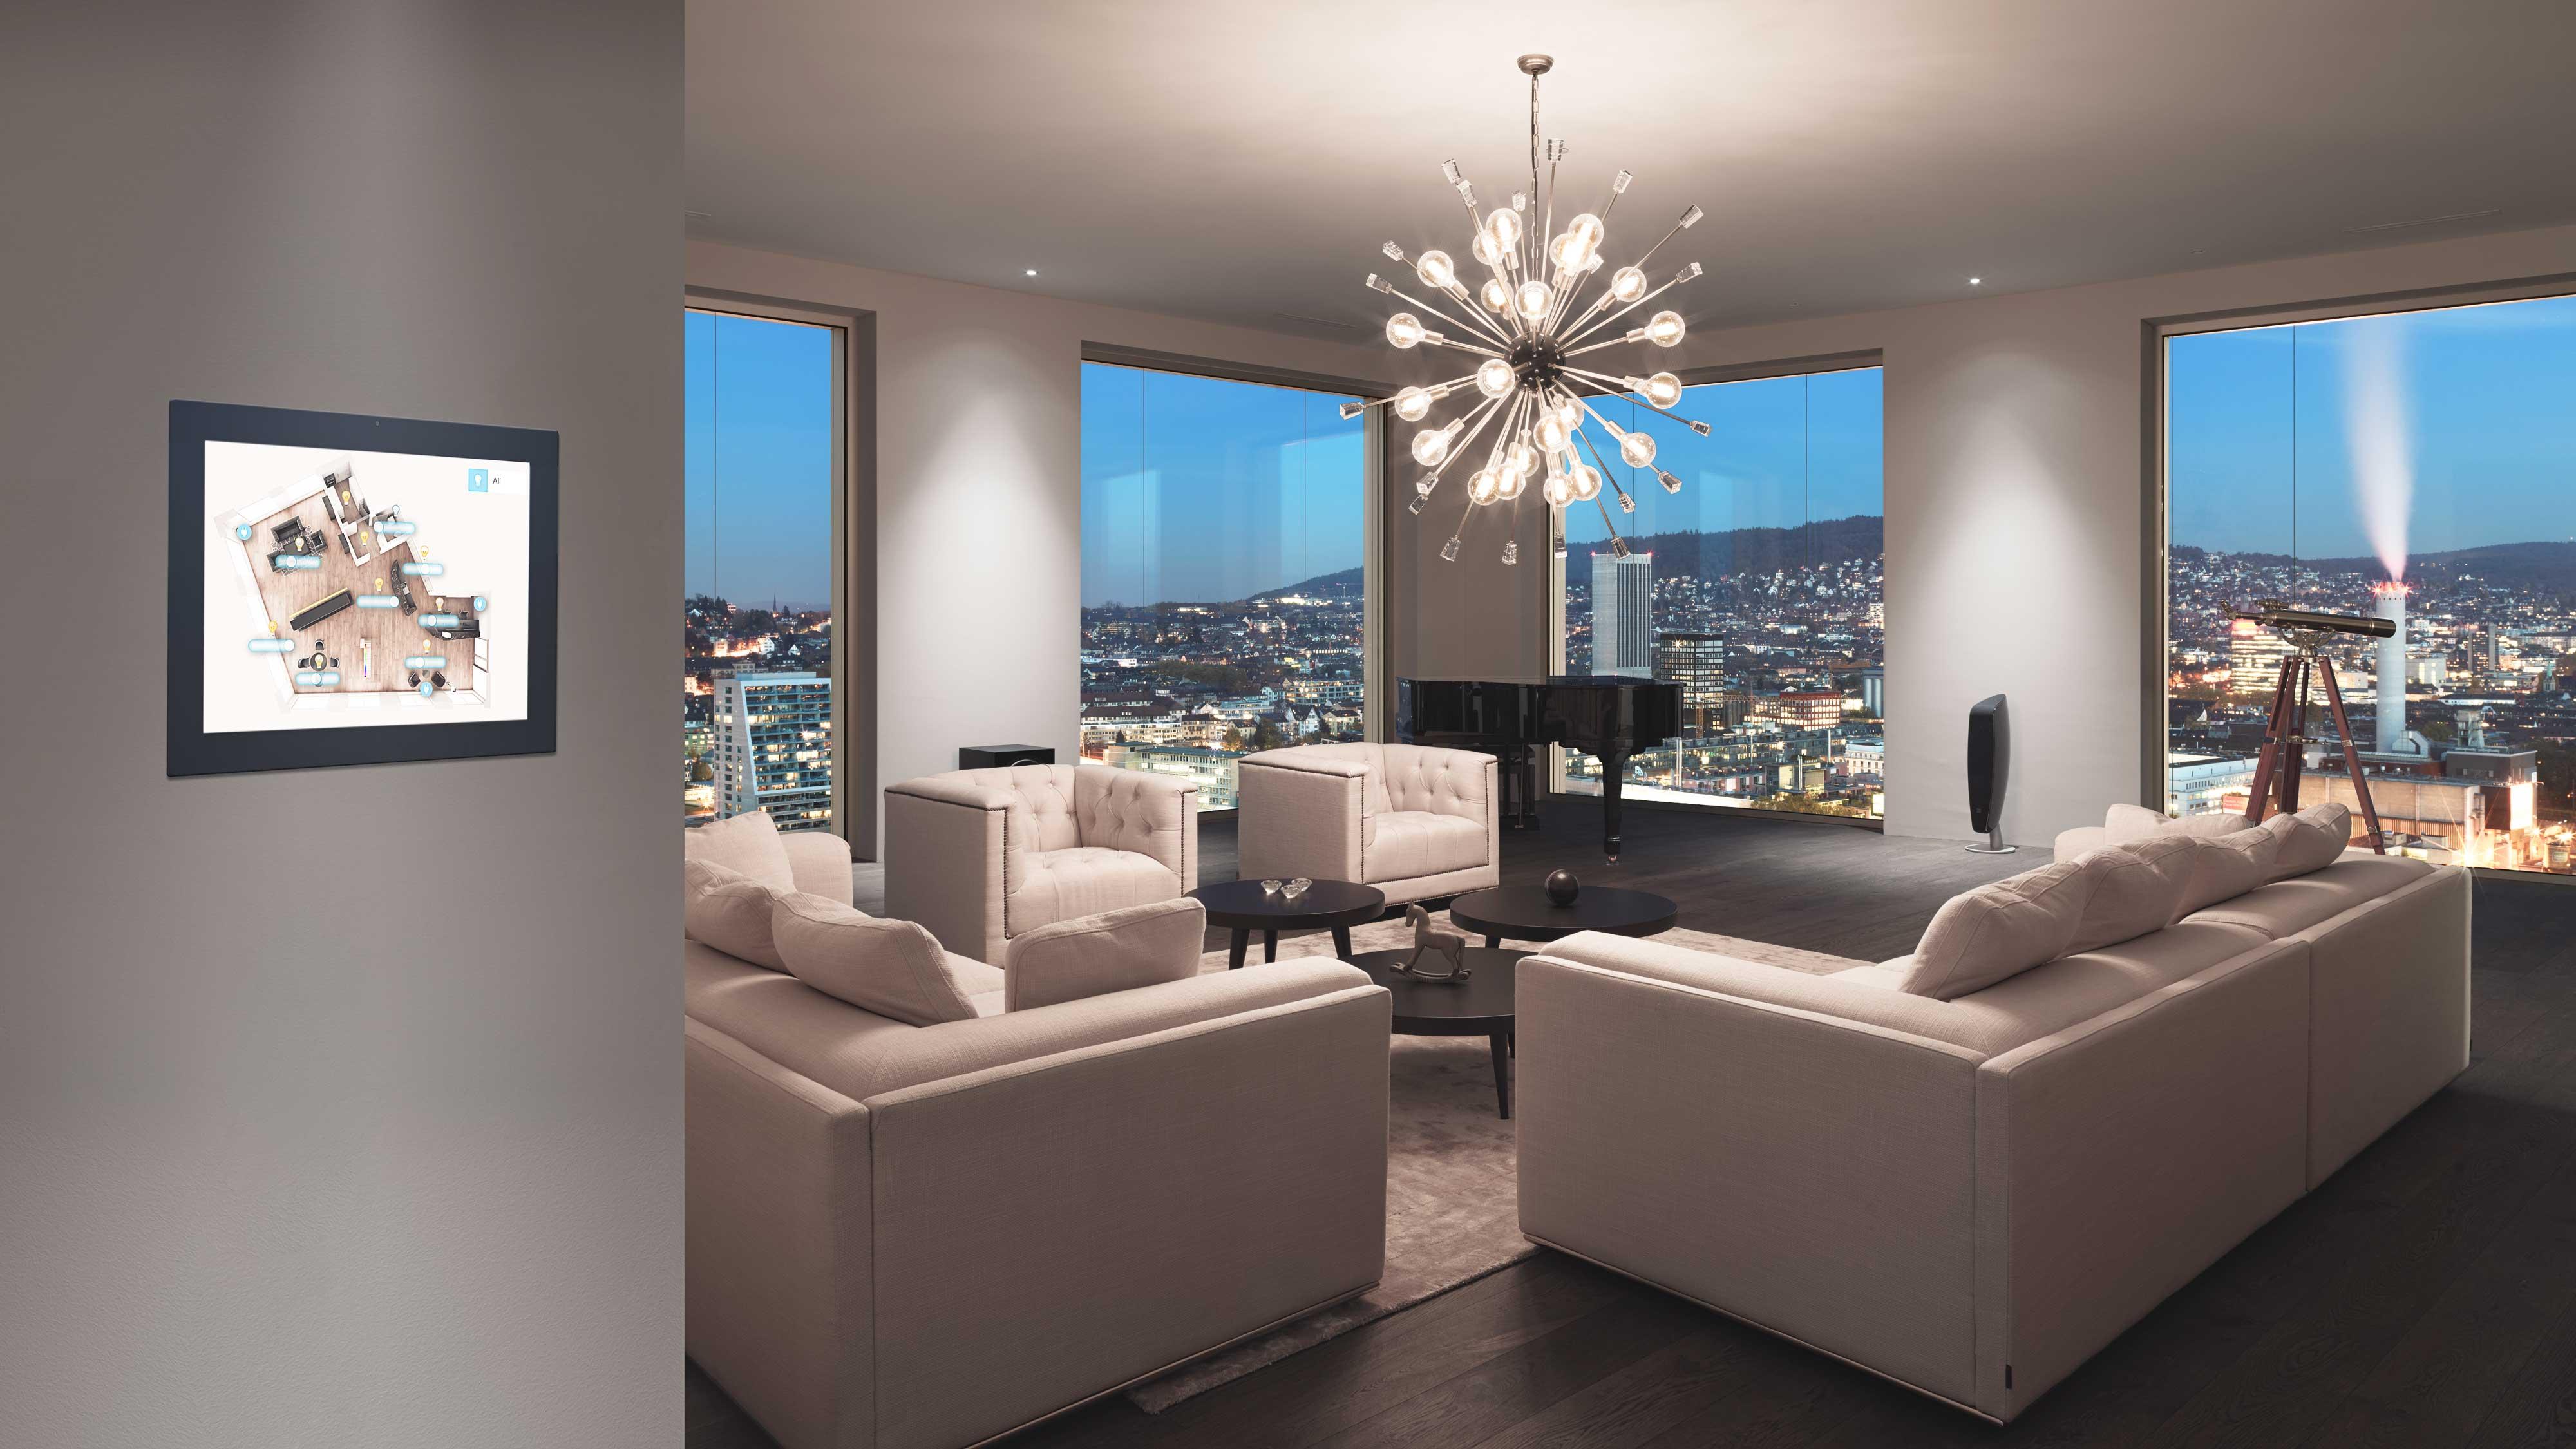 Foto von einem Wohnzimmer mit Touchpanel